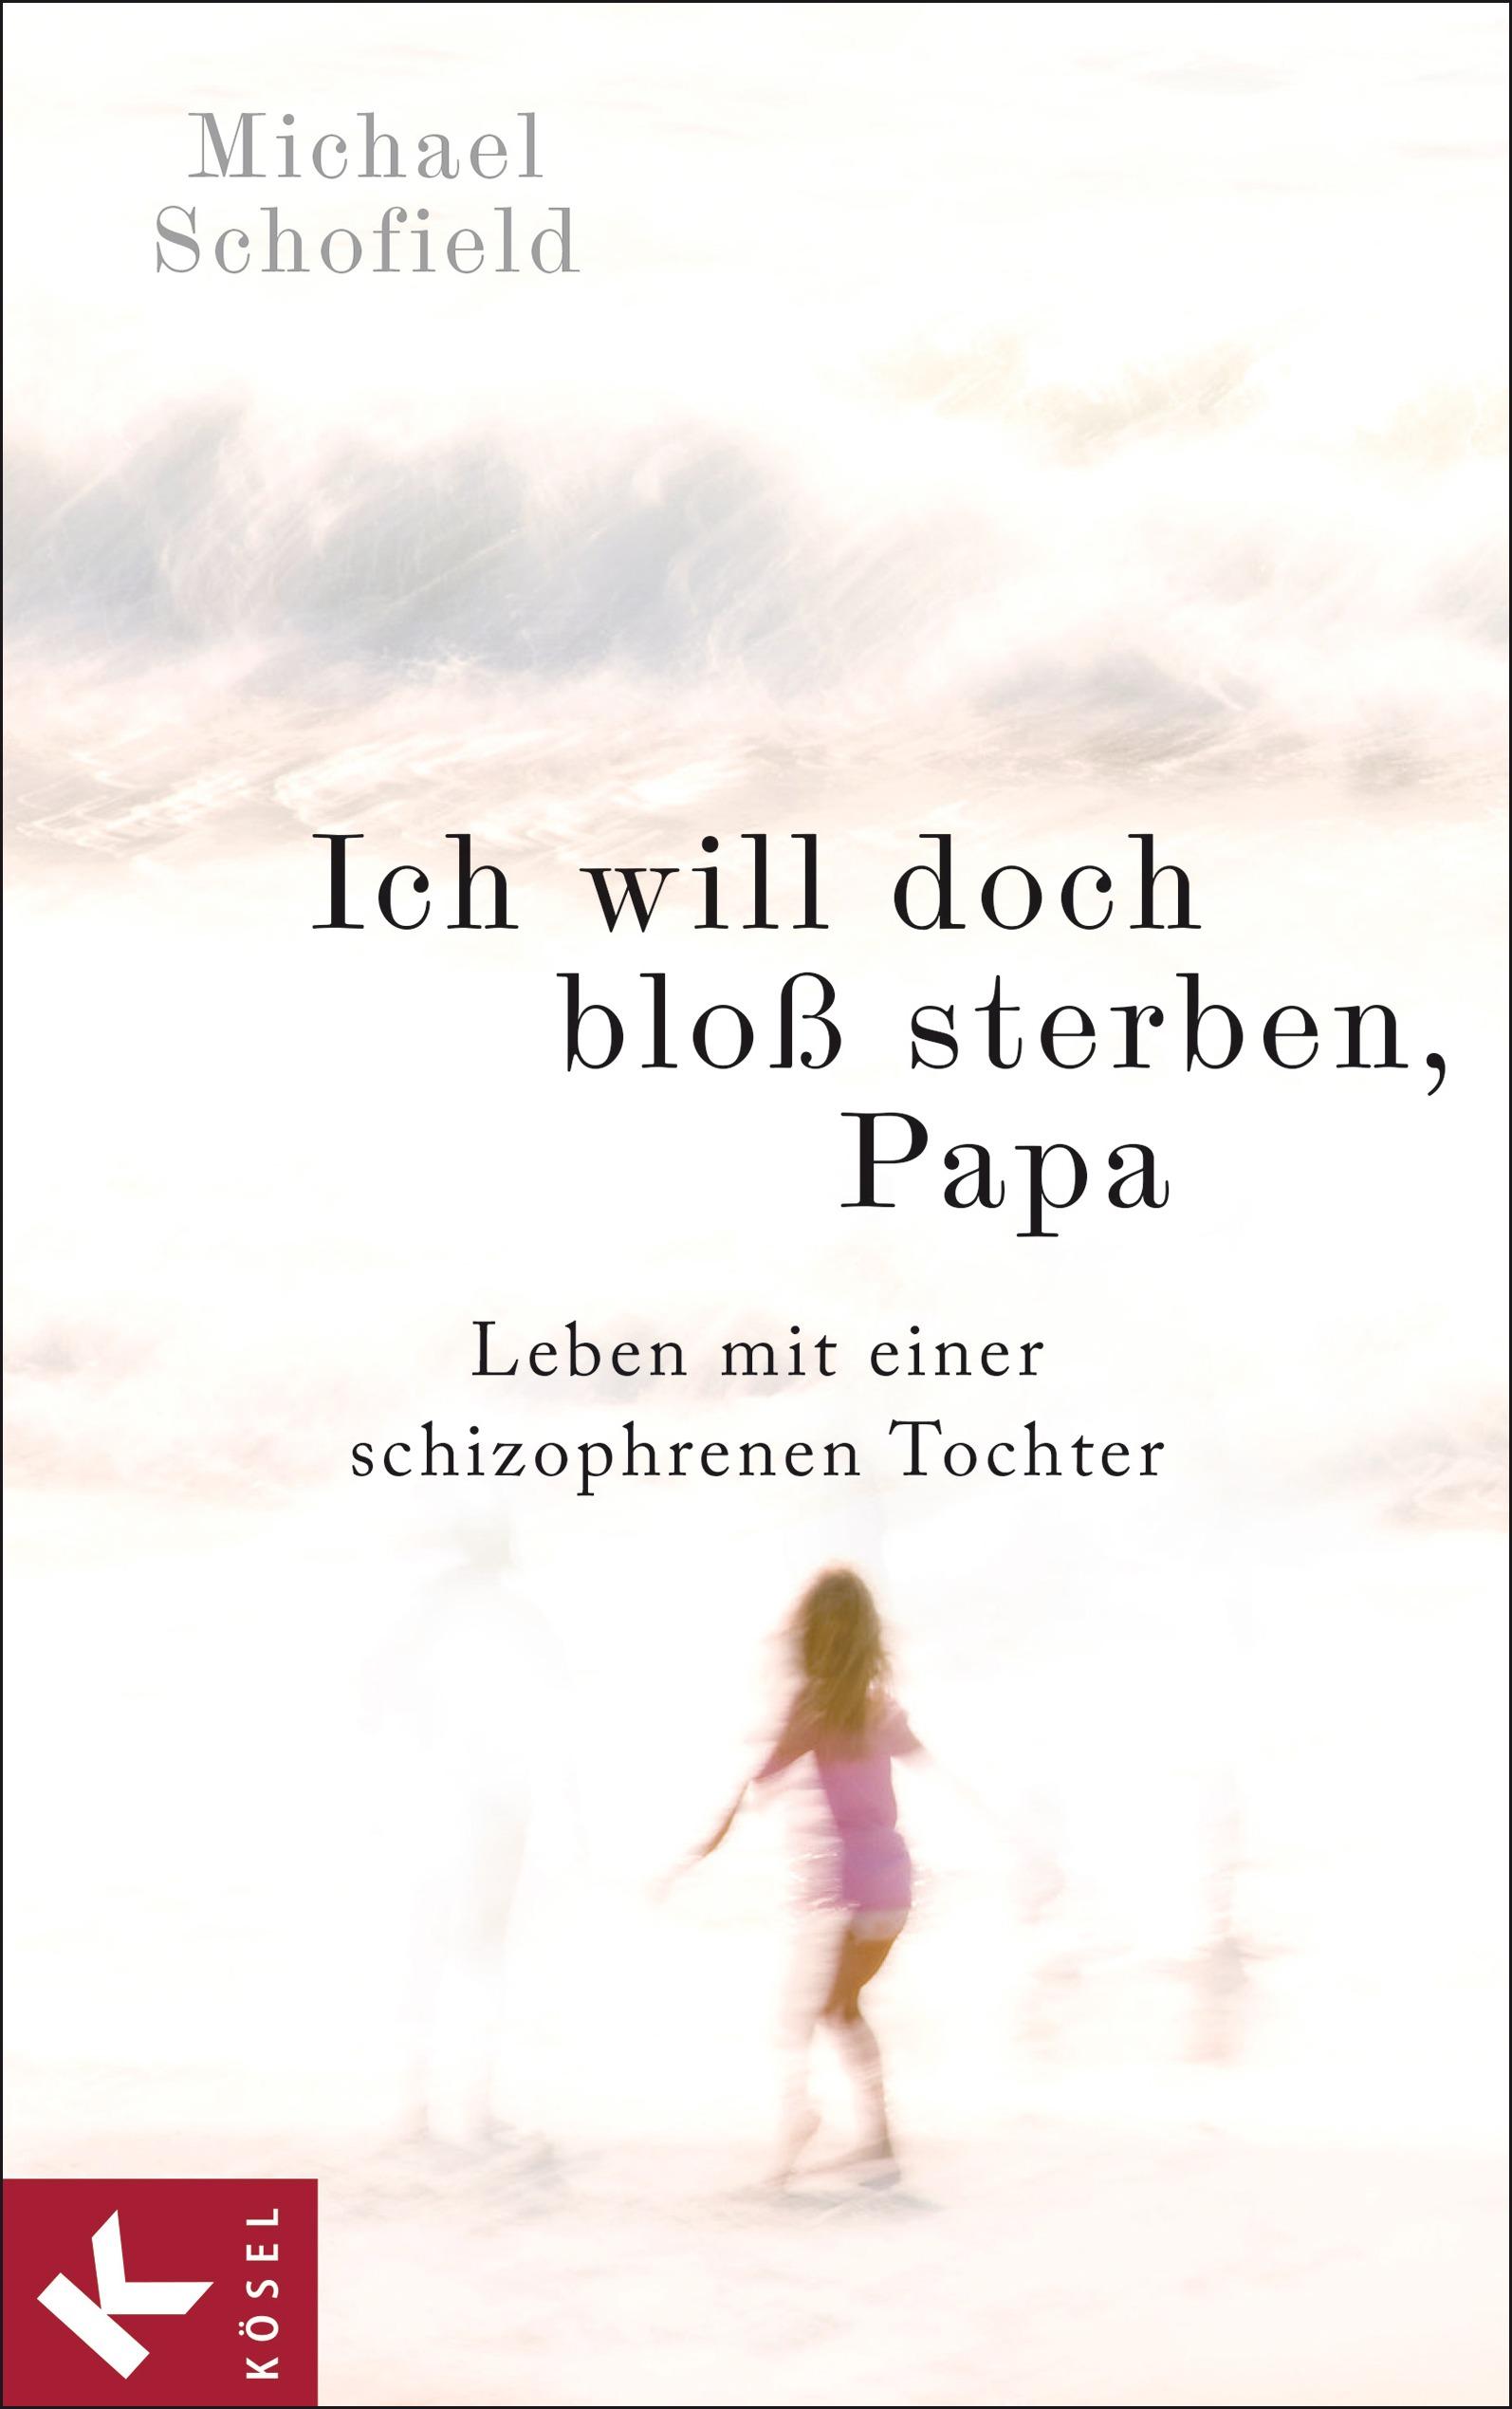 Bücher Diverse Unterhaltungsliteratur Papa Leben Mit Einer Schizophrenen Tochter ... Mutig Ich Will Doch Bloß Sterben